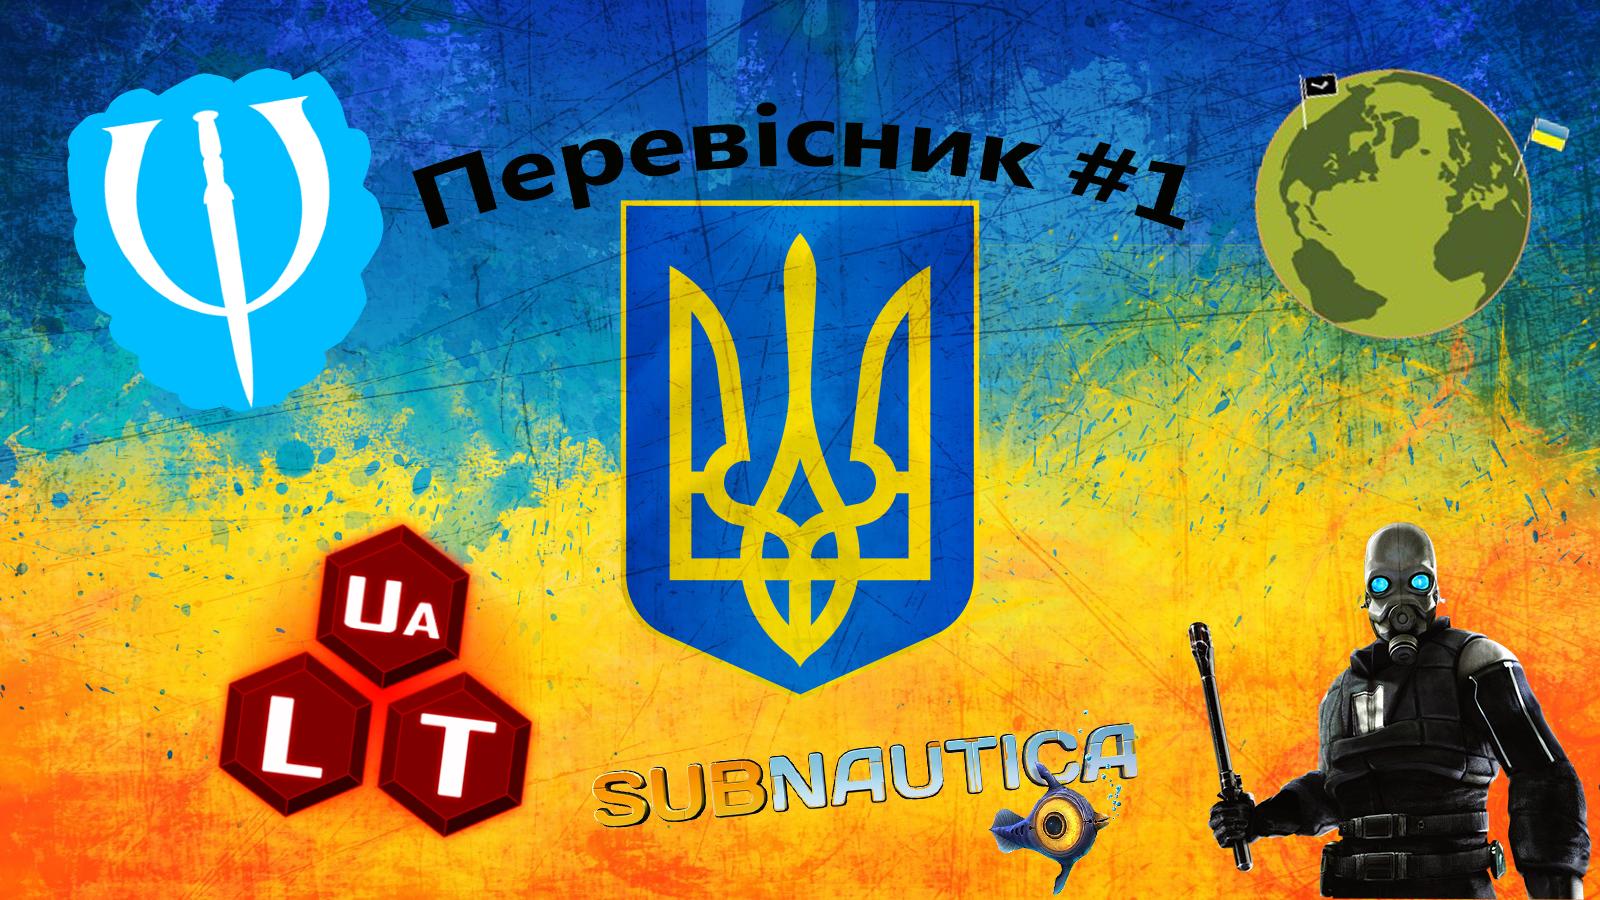 Українські локалізації ігор, перевісник